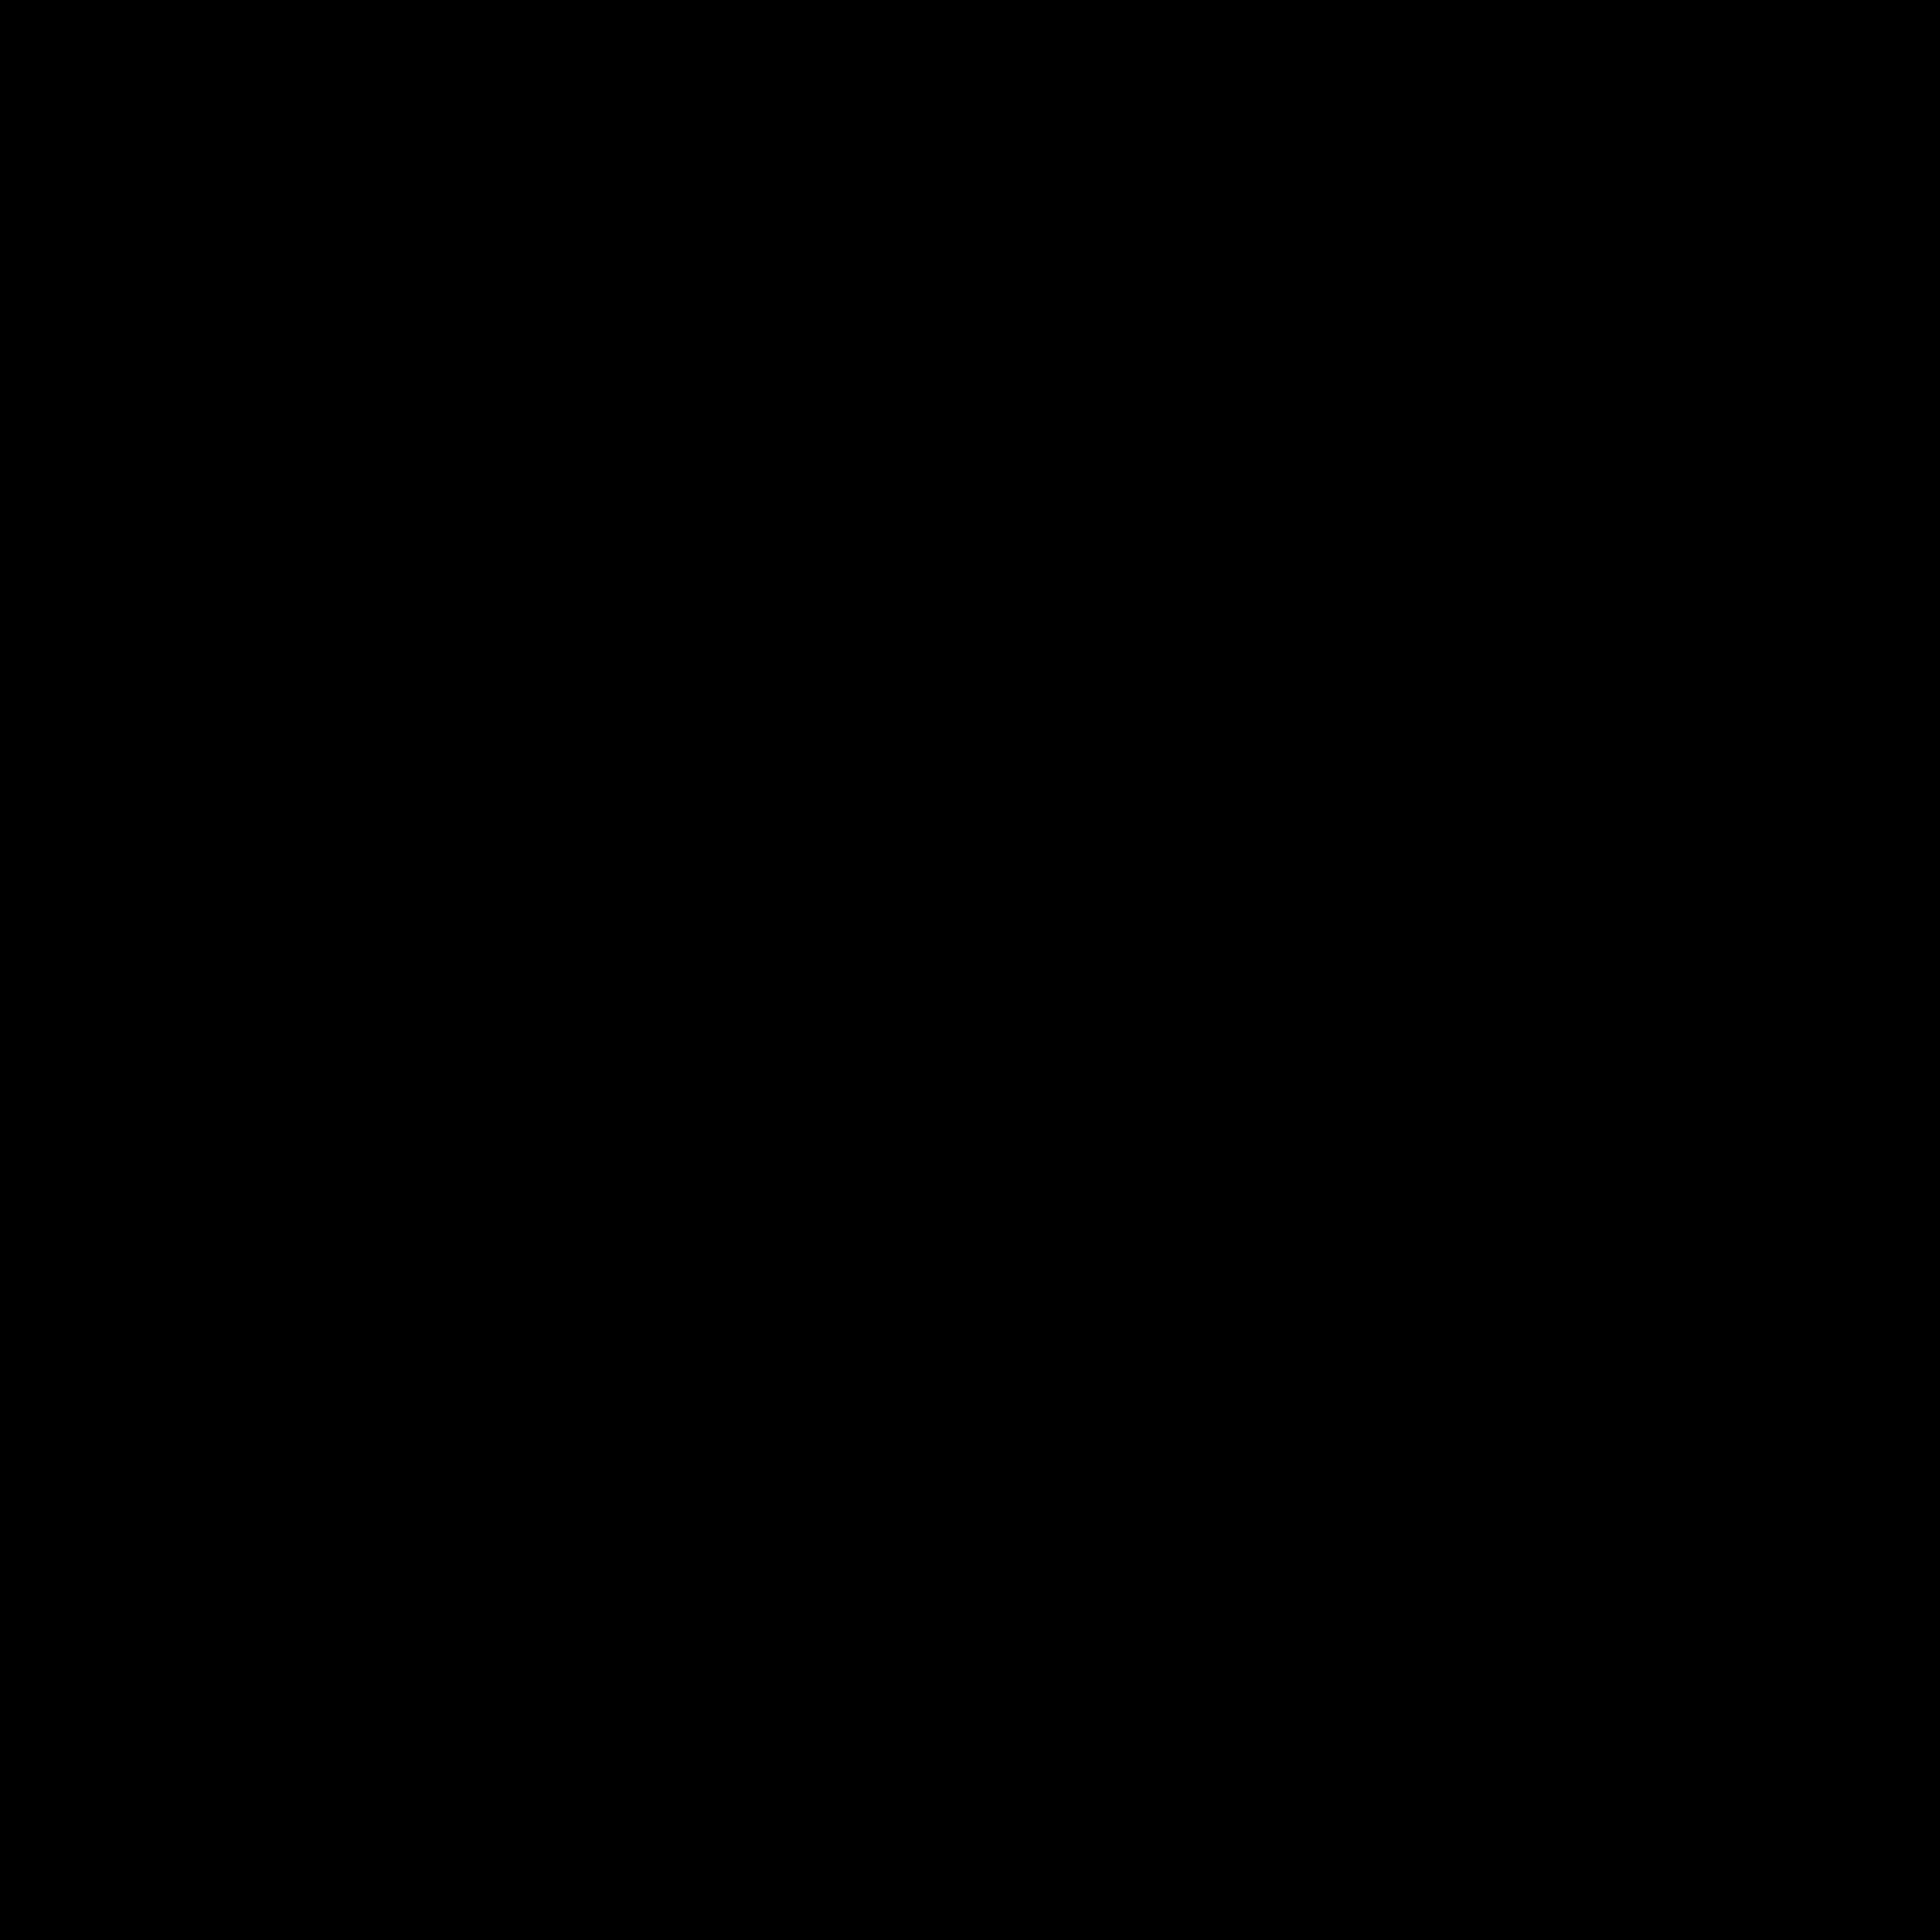 TRUKKLE - the Uber for rental cargo vans needs a logo